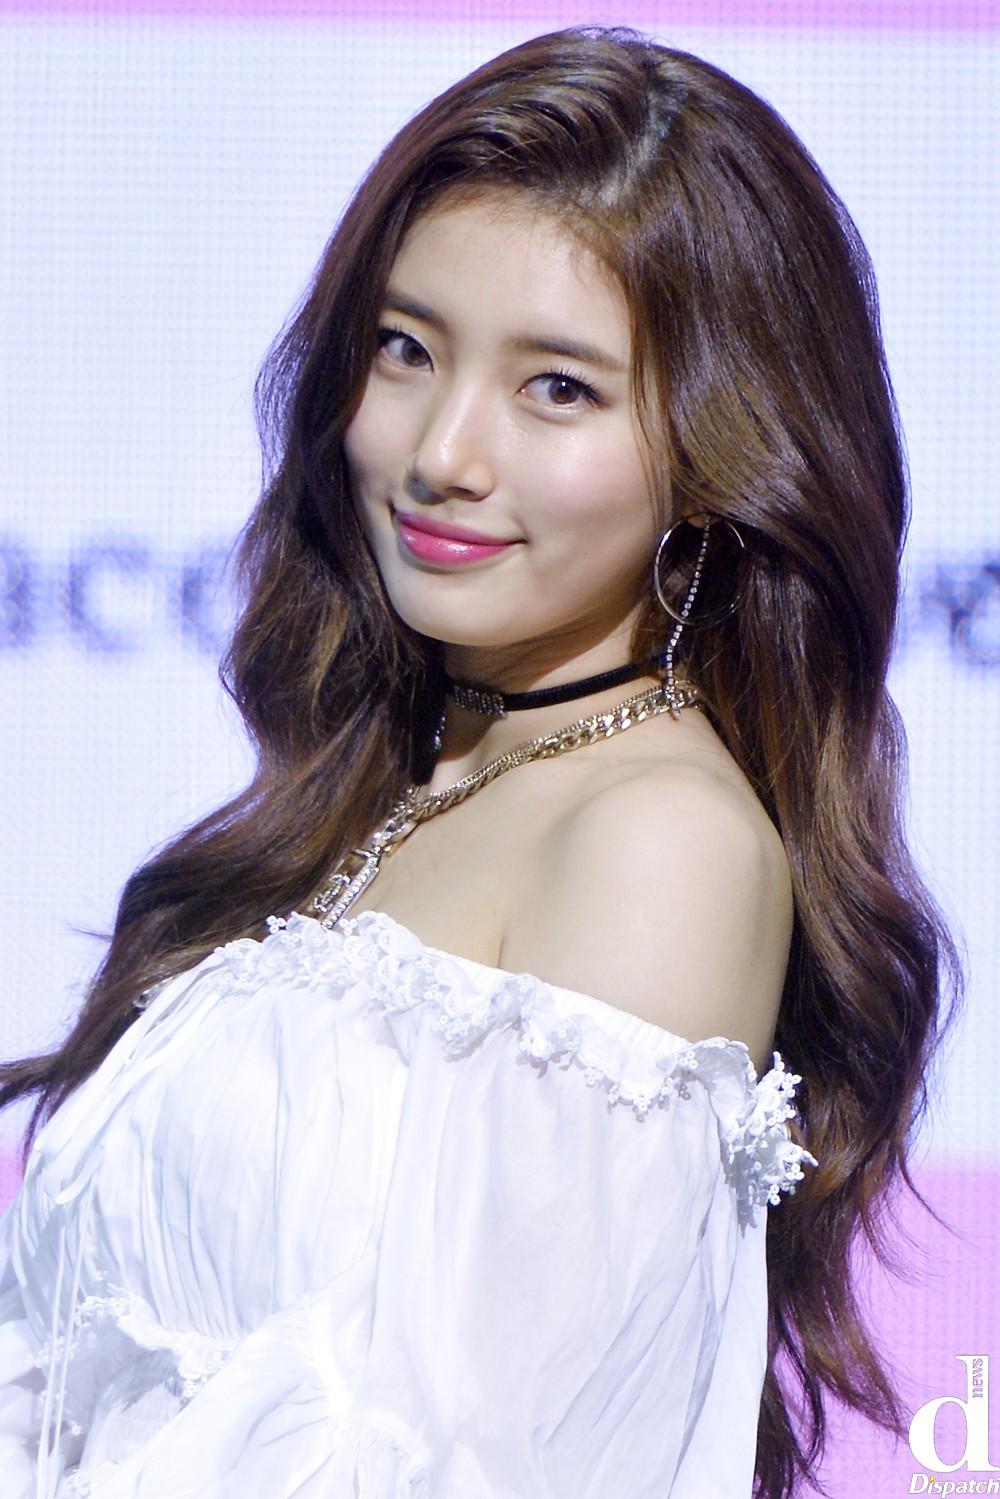 Dispatch phát hiện điểm chung không lạ nhưng ít ai để ý của 2 nữ idol đẳng cấp nữ thần hot nhất xứ Hàn Suzy và Irene - Ảnh 6.